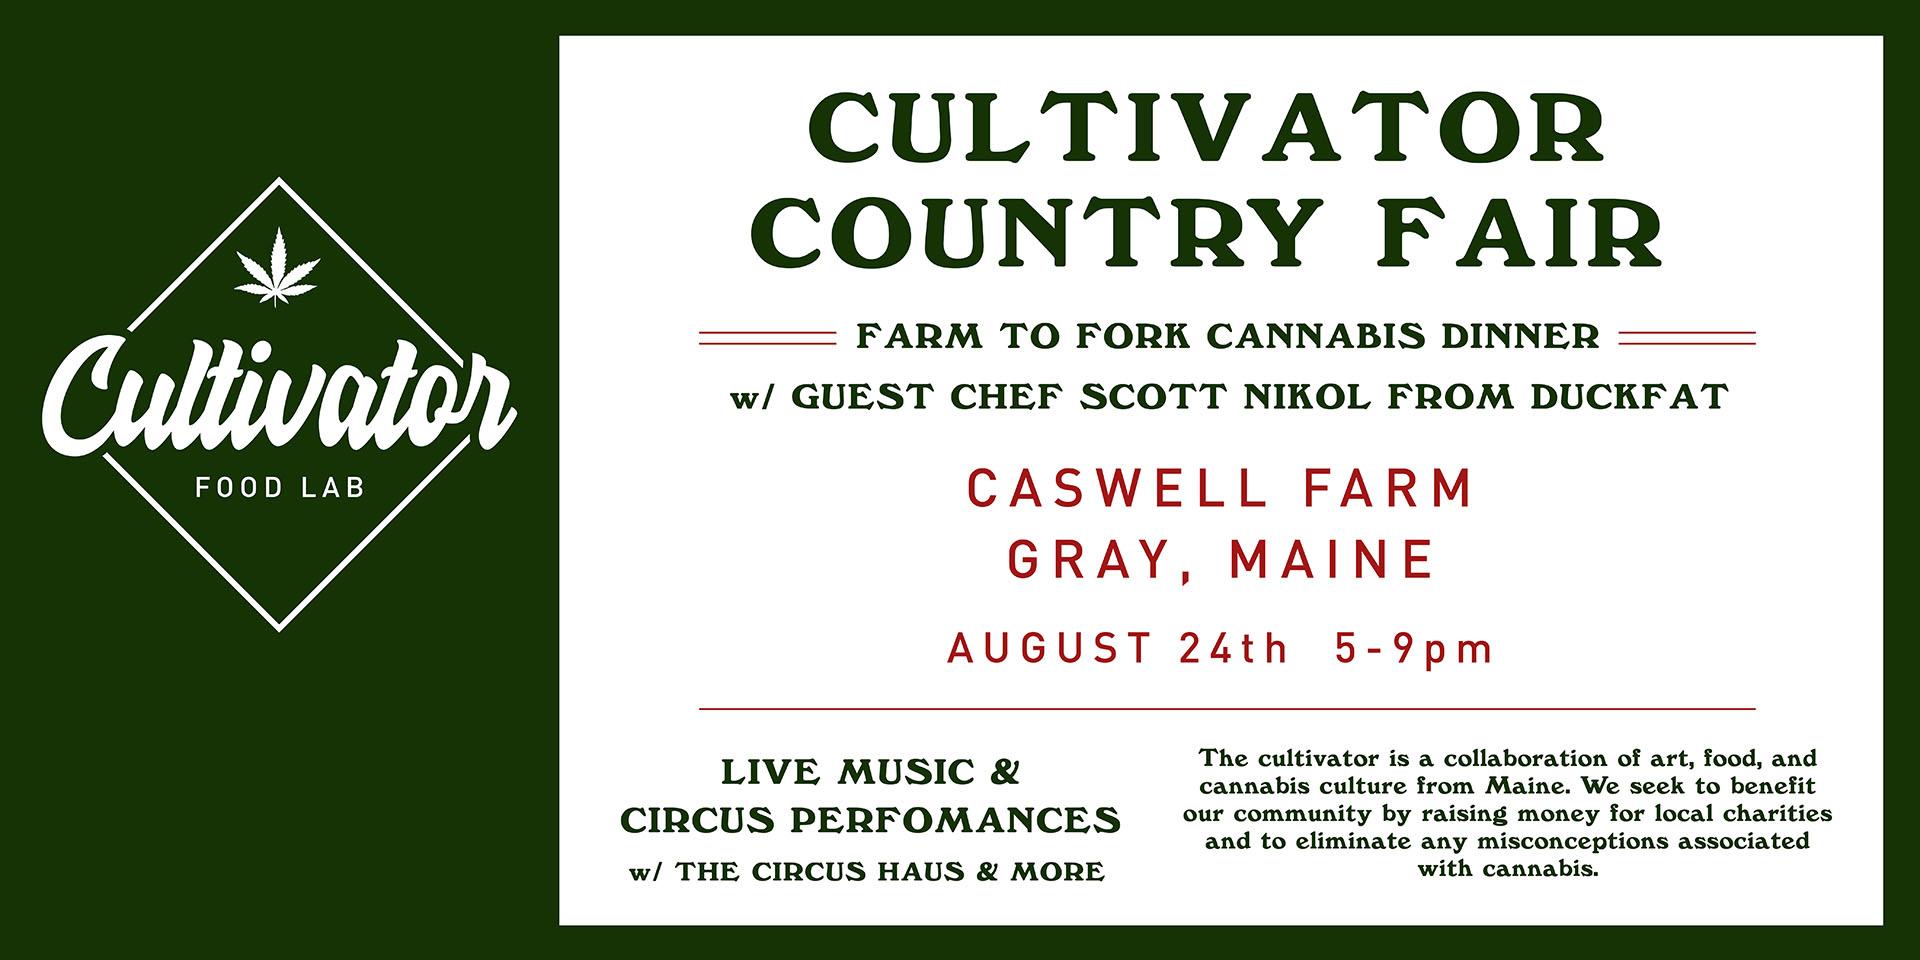 Cultivator Country Fair: Farm to Fork Cannabis Dinner